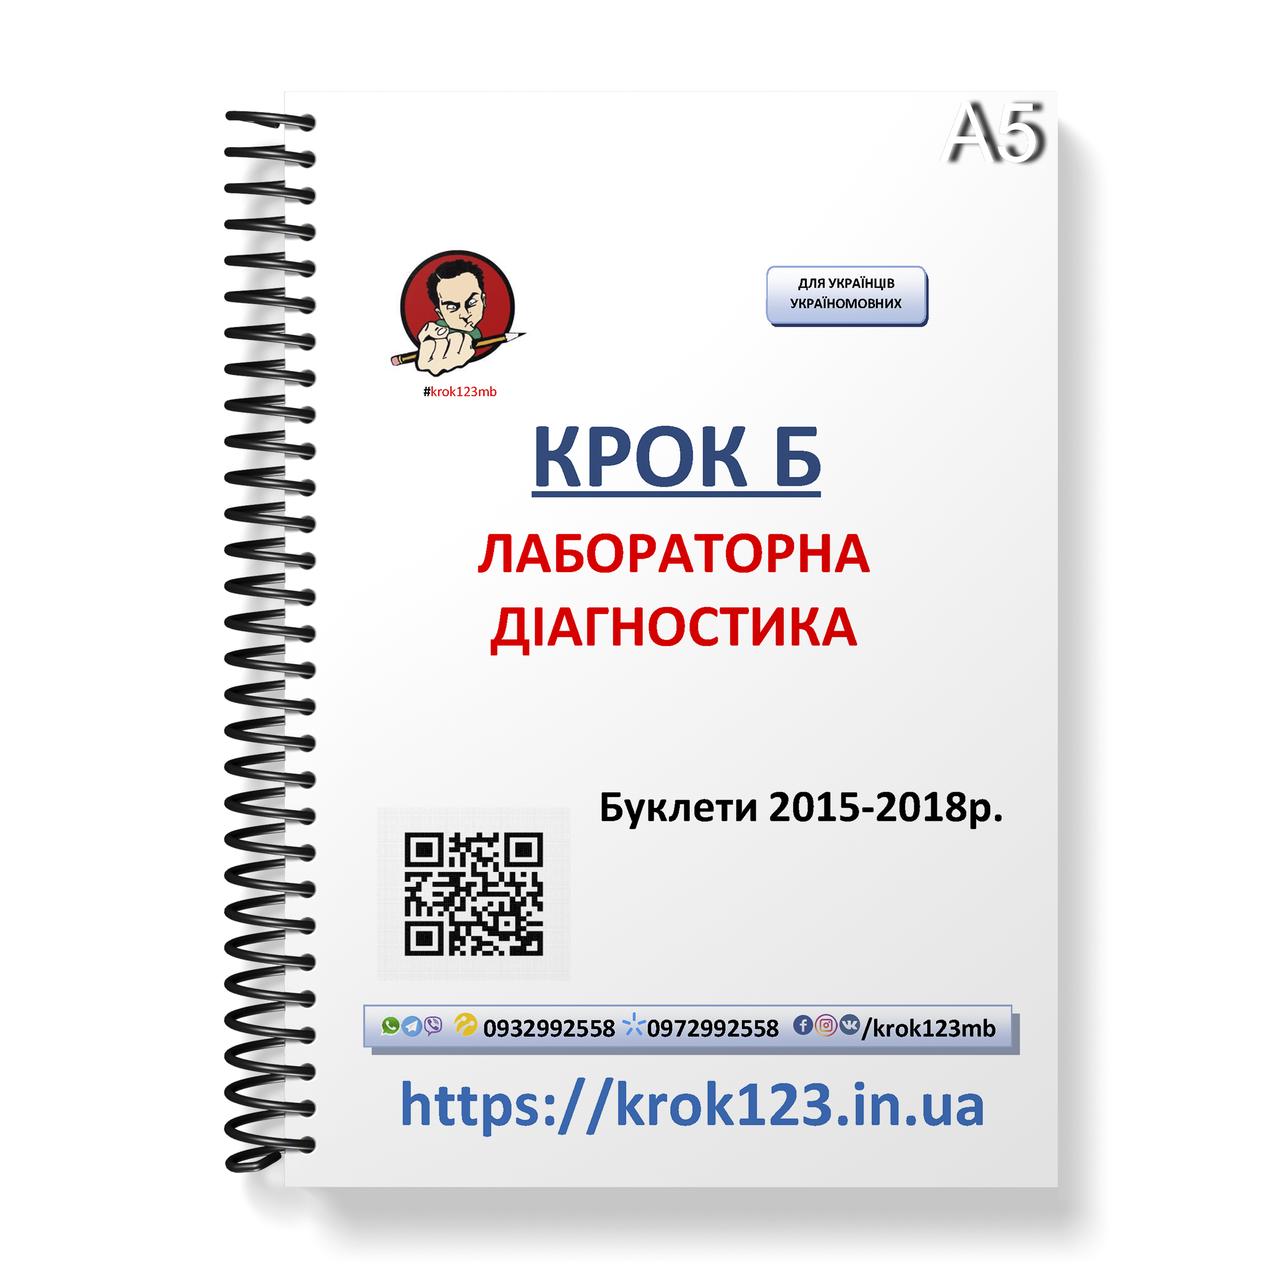 Крок Б. Лабораторная диагностика. Буклеты 2015-2018 . Для украинцев украиноязычных. Формат А5